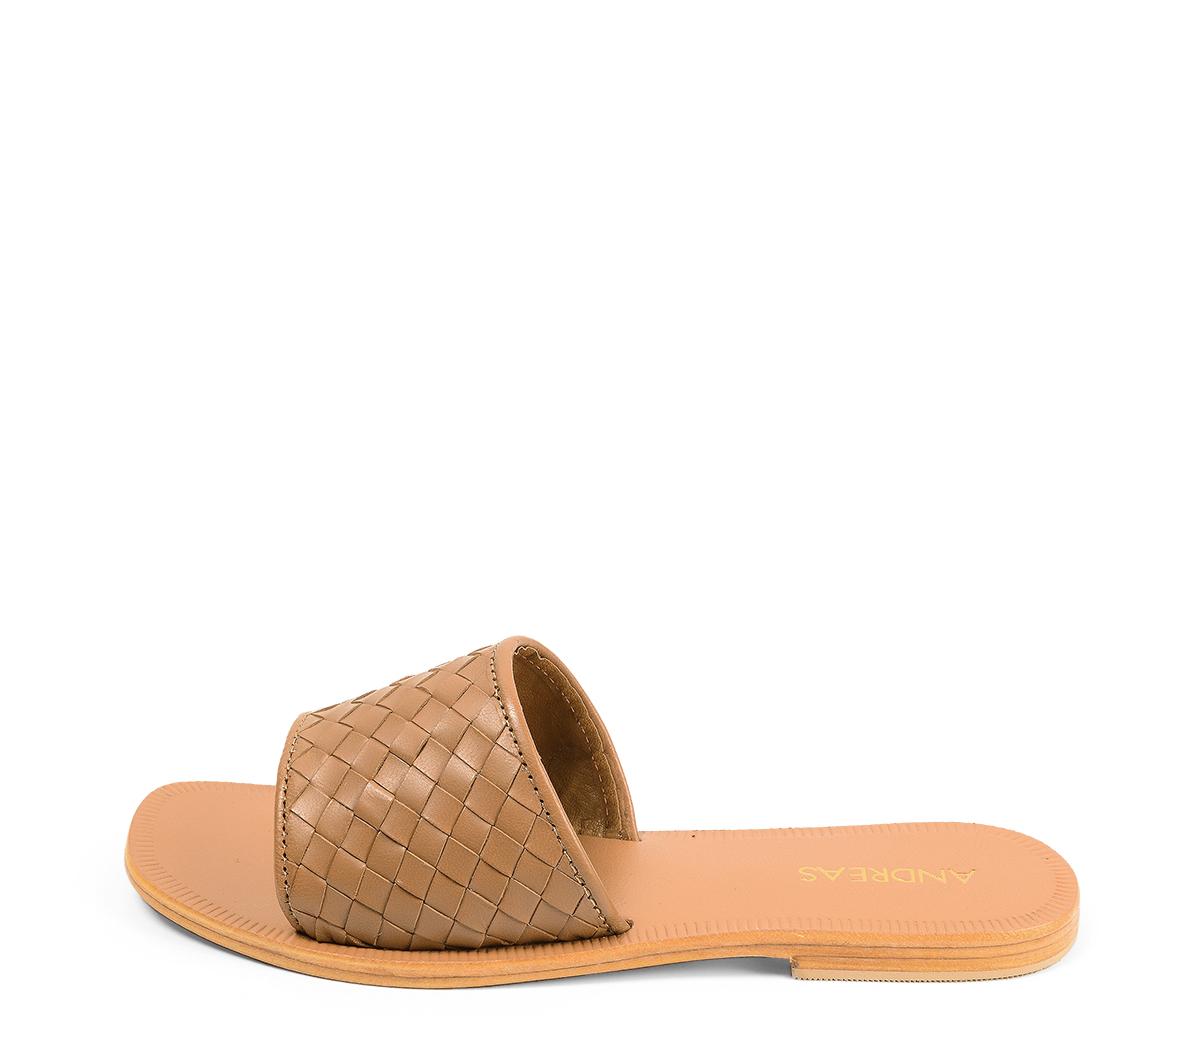 Ref. 4457 Sandalia piel cuero con pala y detalle trenzado. Plantilla y suela de piel.